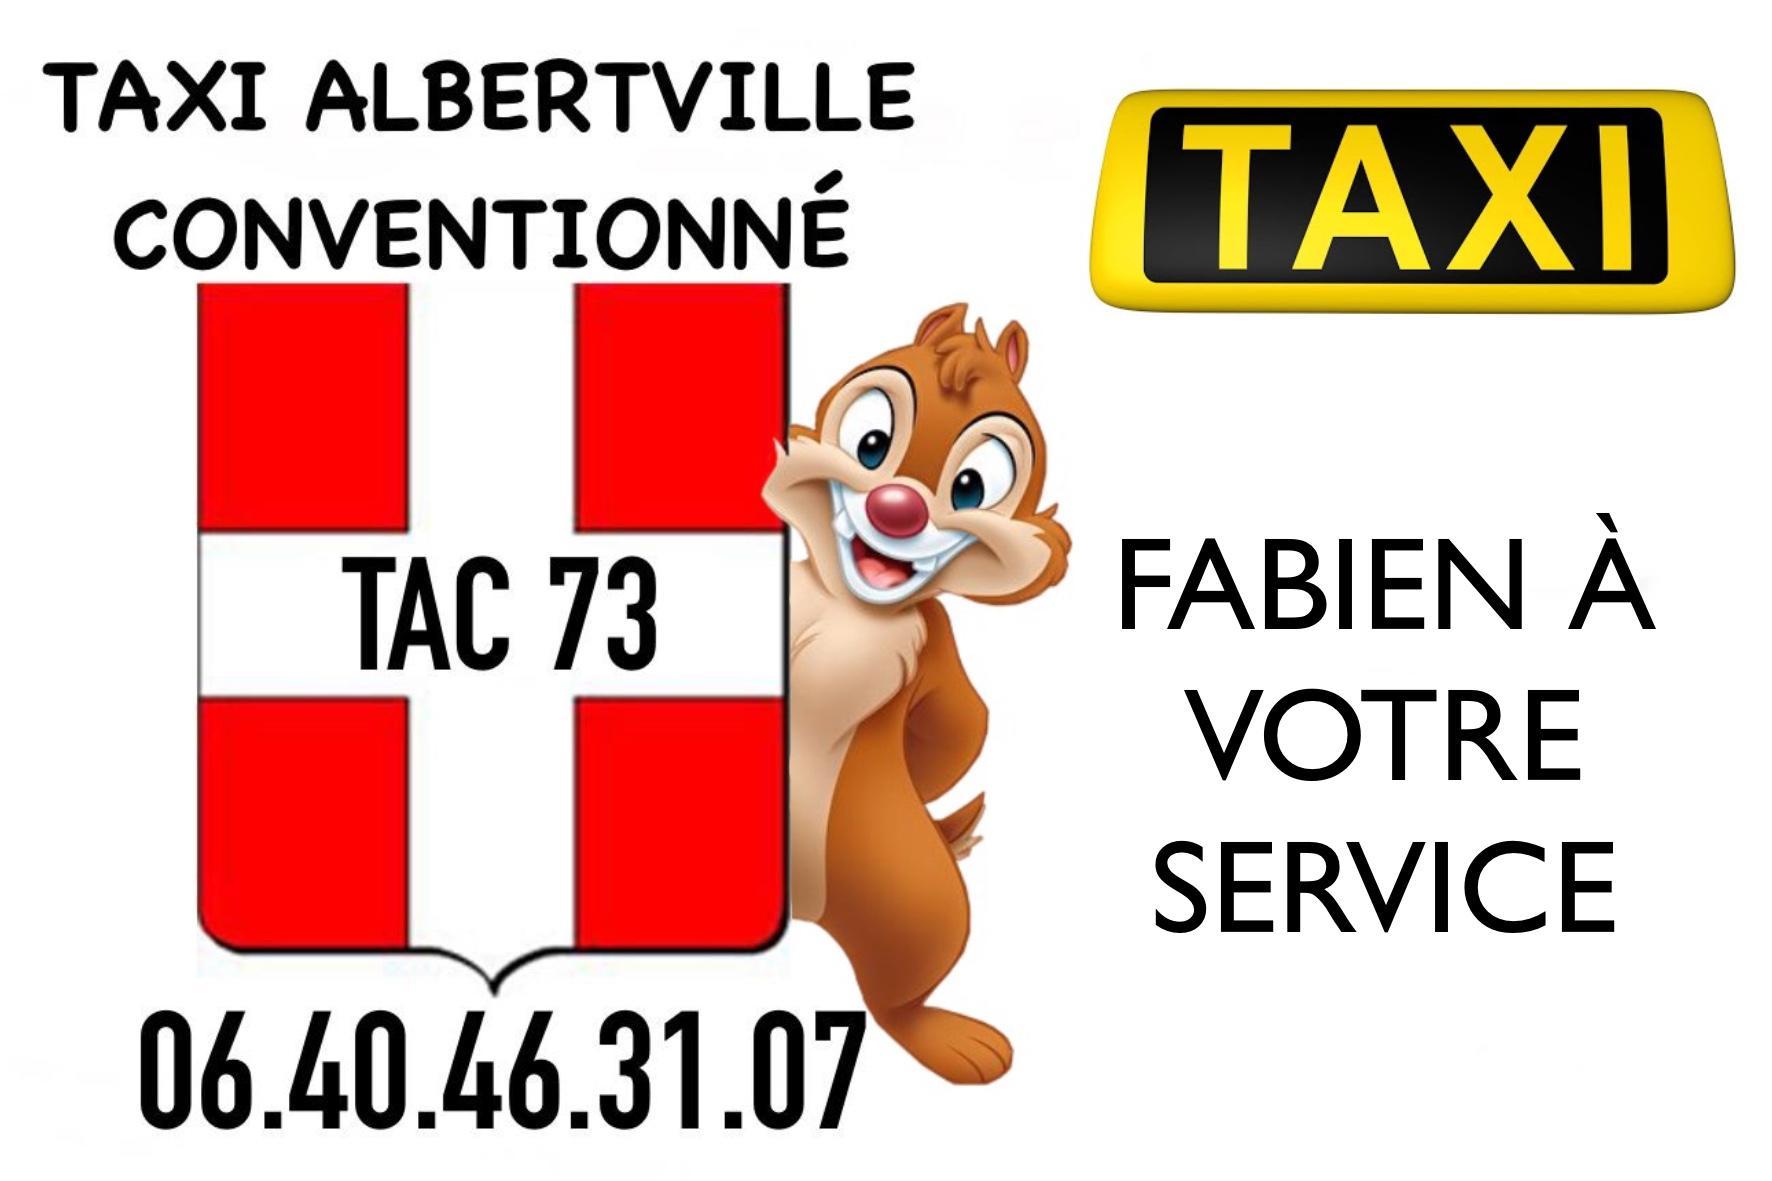 Taxi Conventionné Albertville